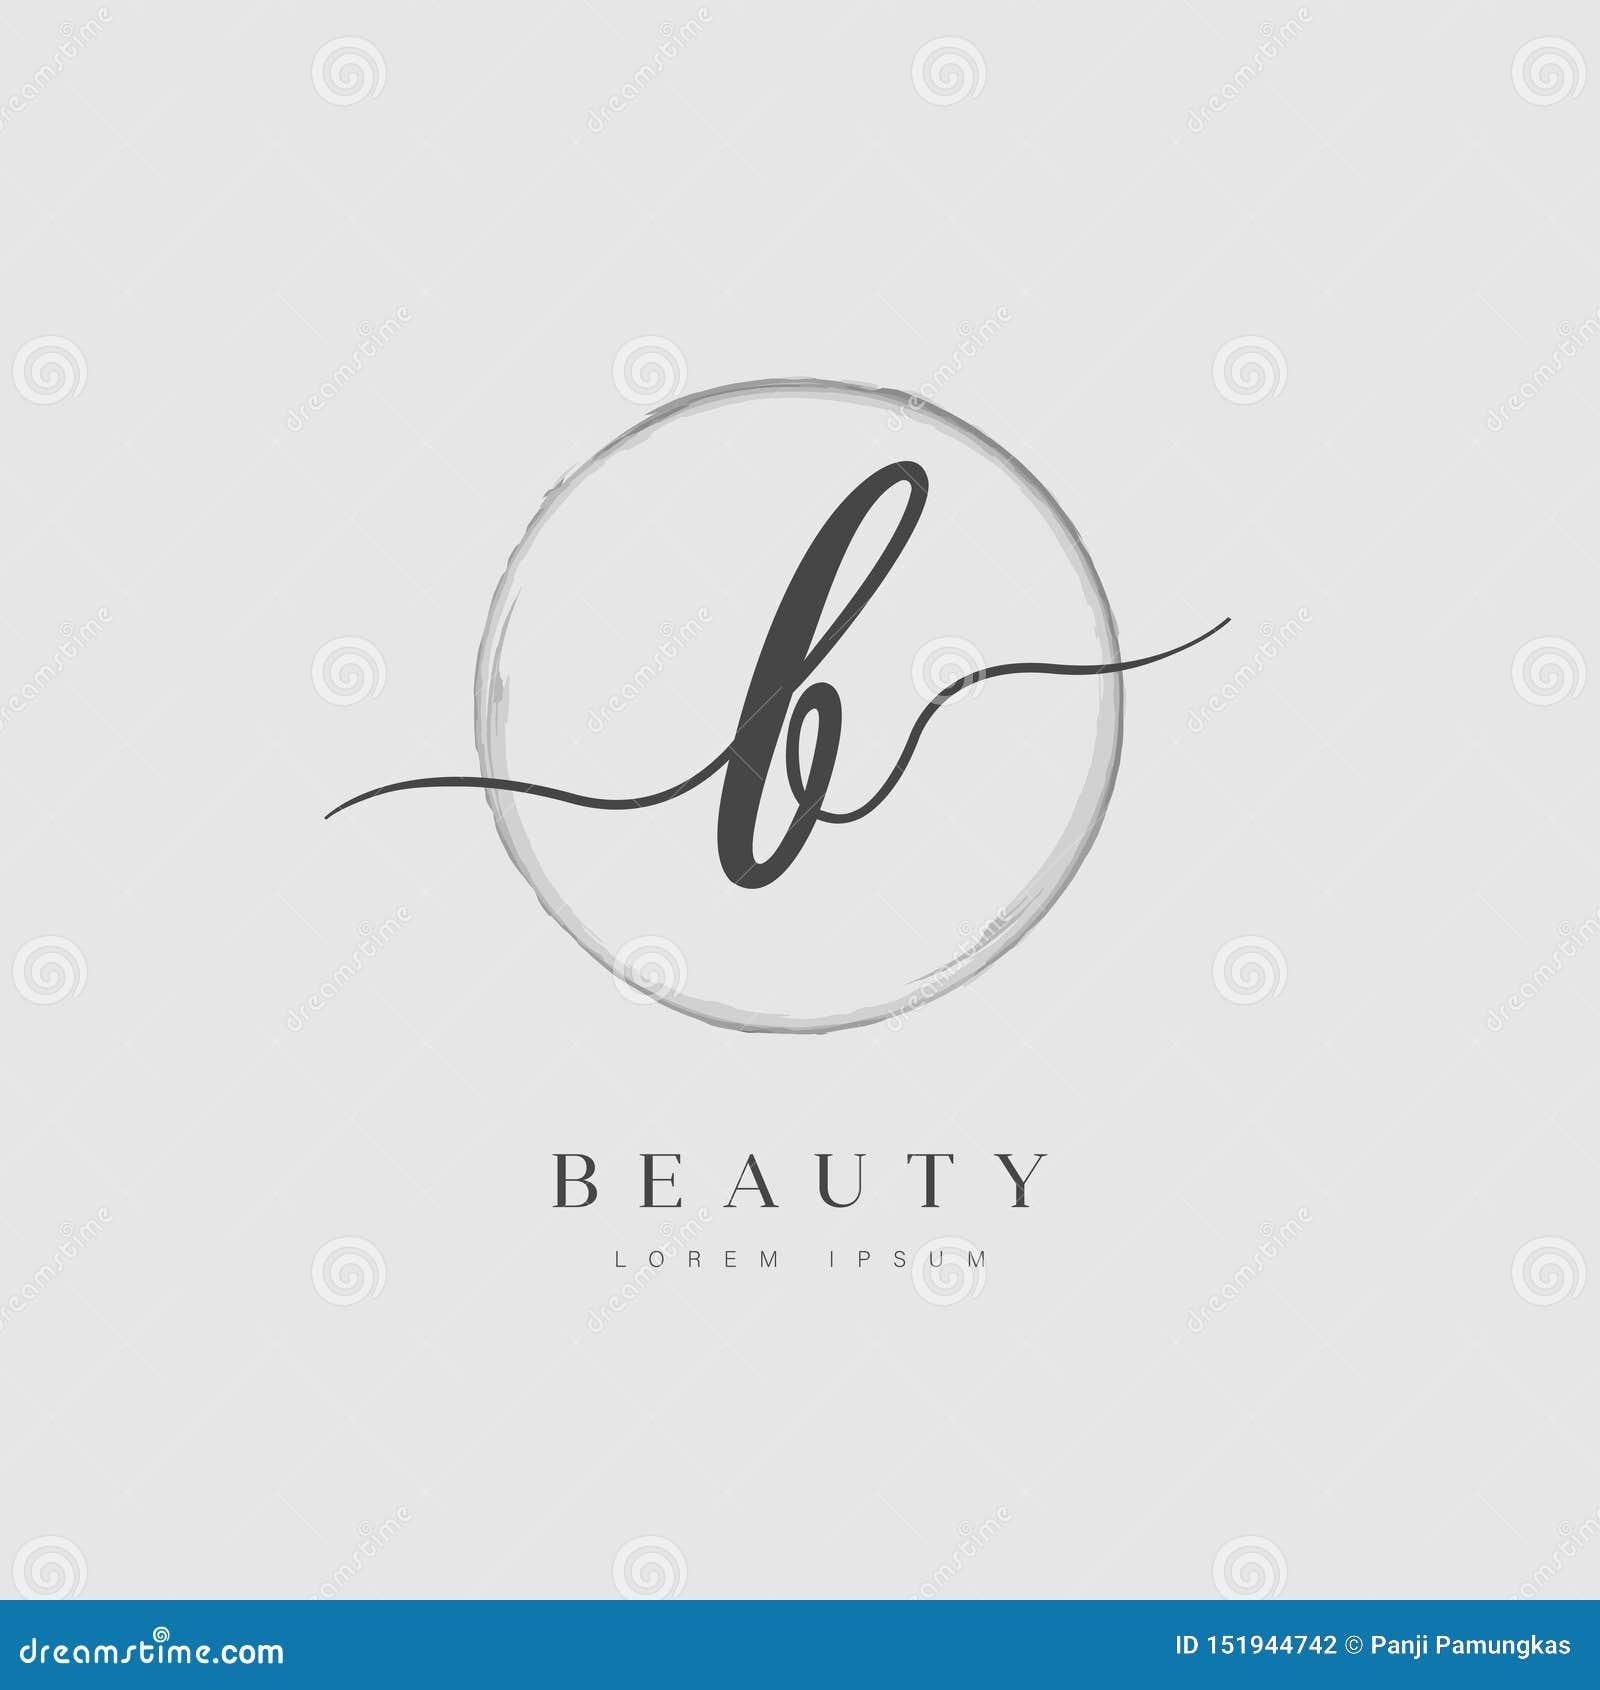 Elegant Initial Letter Type B Logo